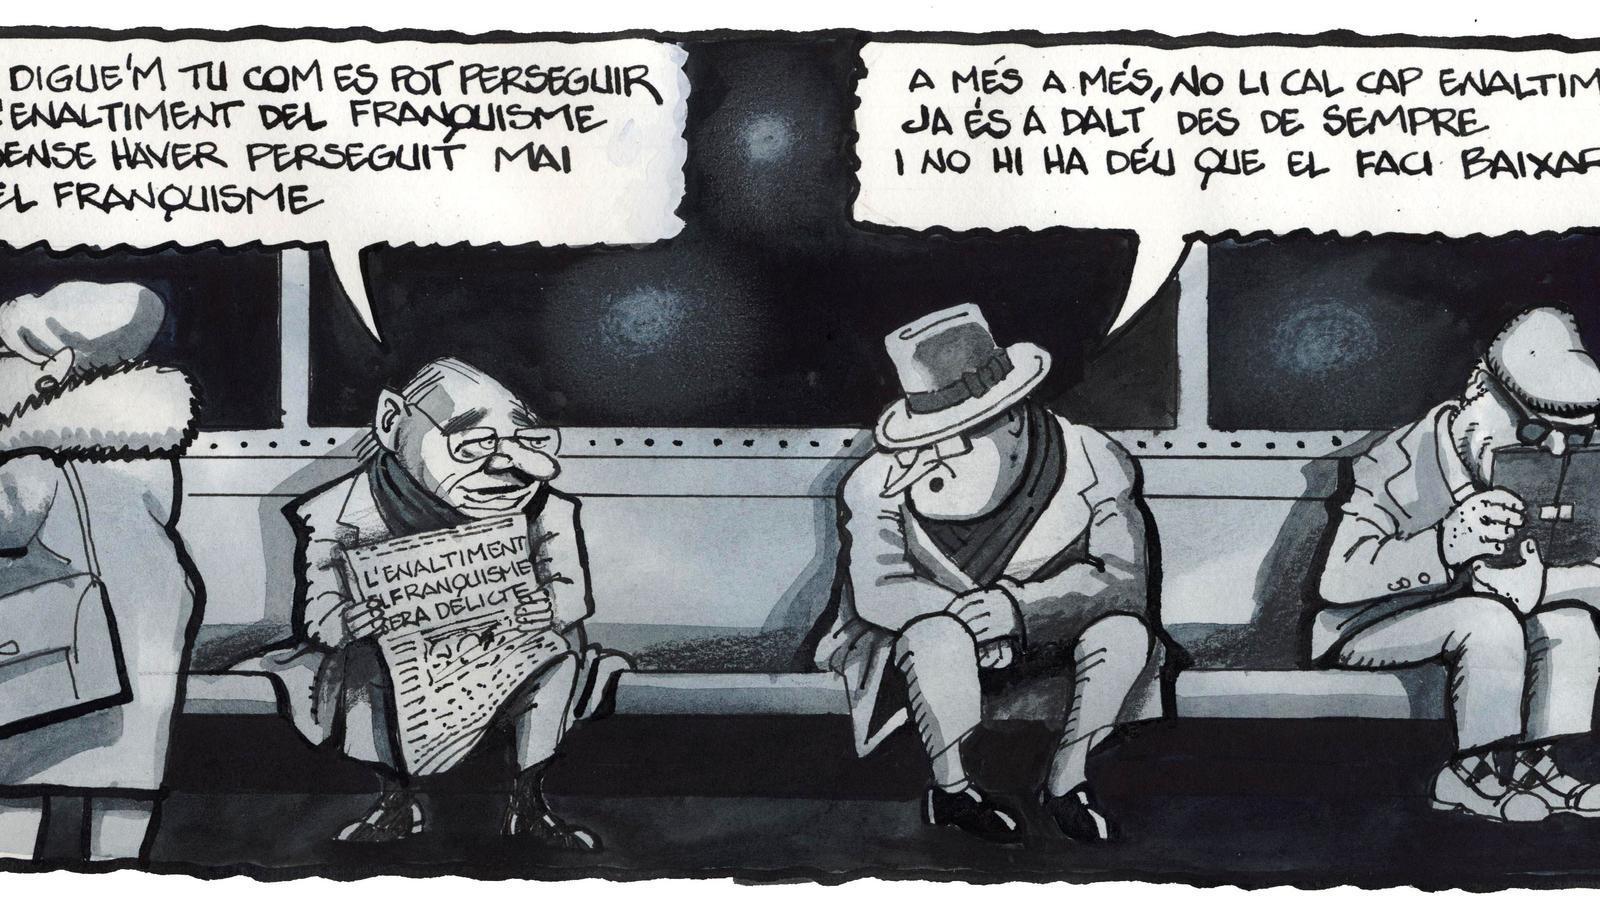 'A la contra', per Ferreres 18/02/2020